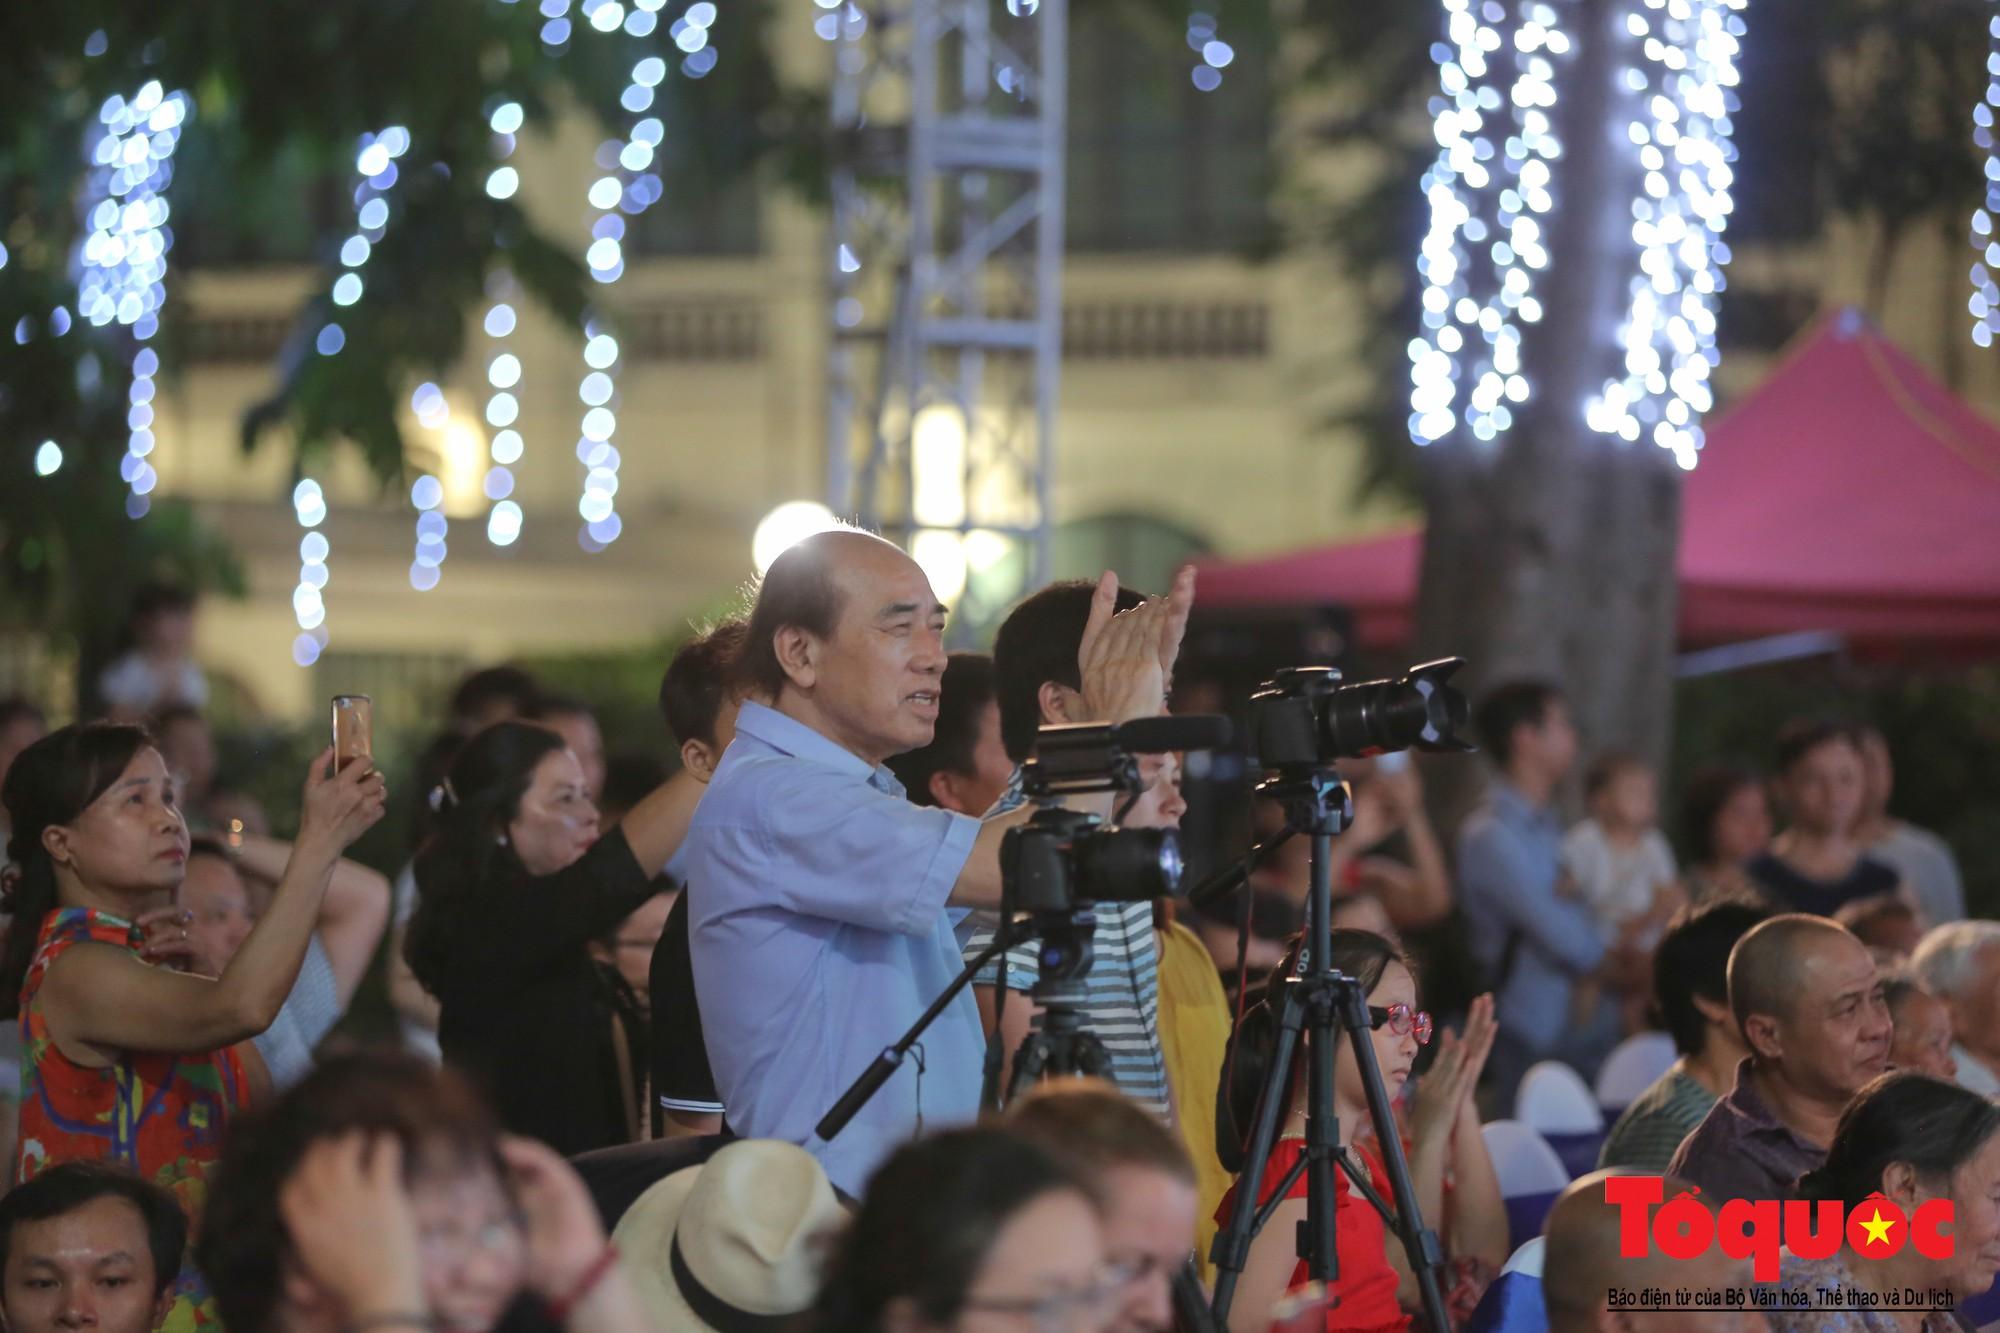 """Ấn tượng chương trình nghệ thuật kỷ niệm 20 năm Hà Nội - """"Thành phố Vì hòa bình"""" - Ảnh 17."""